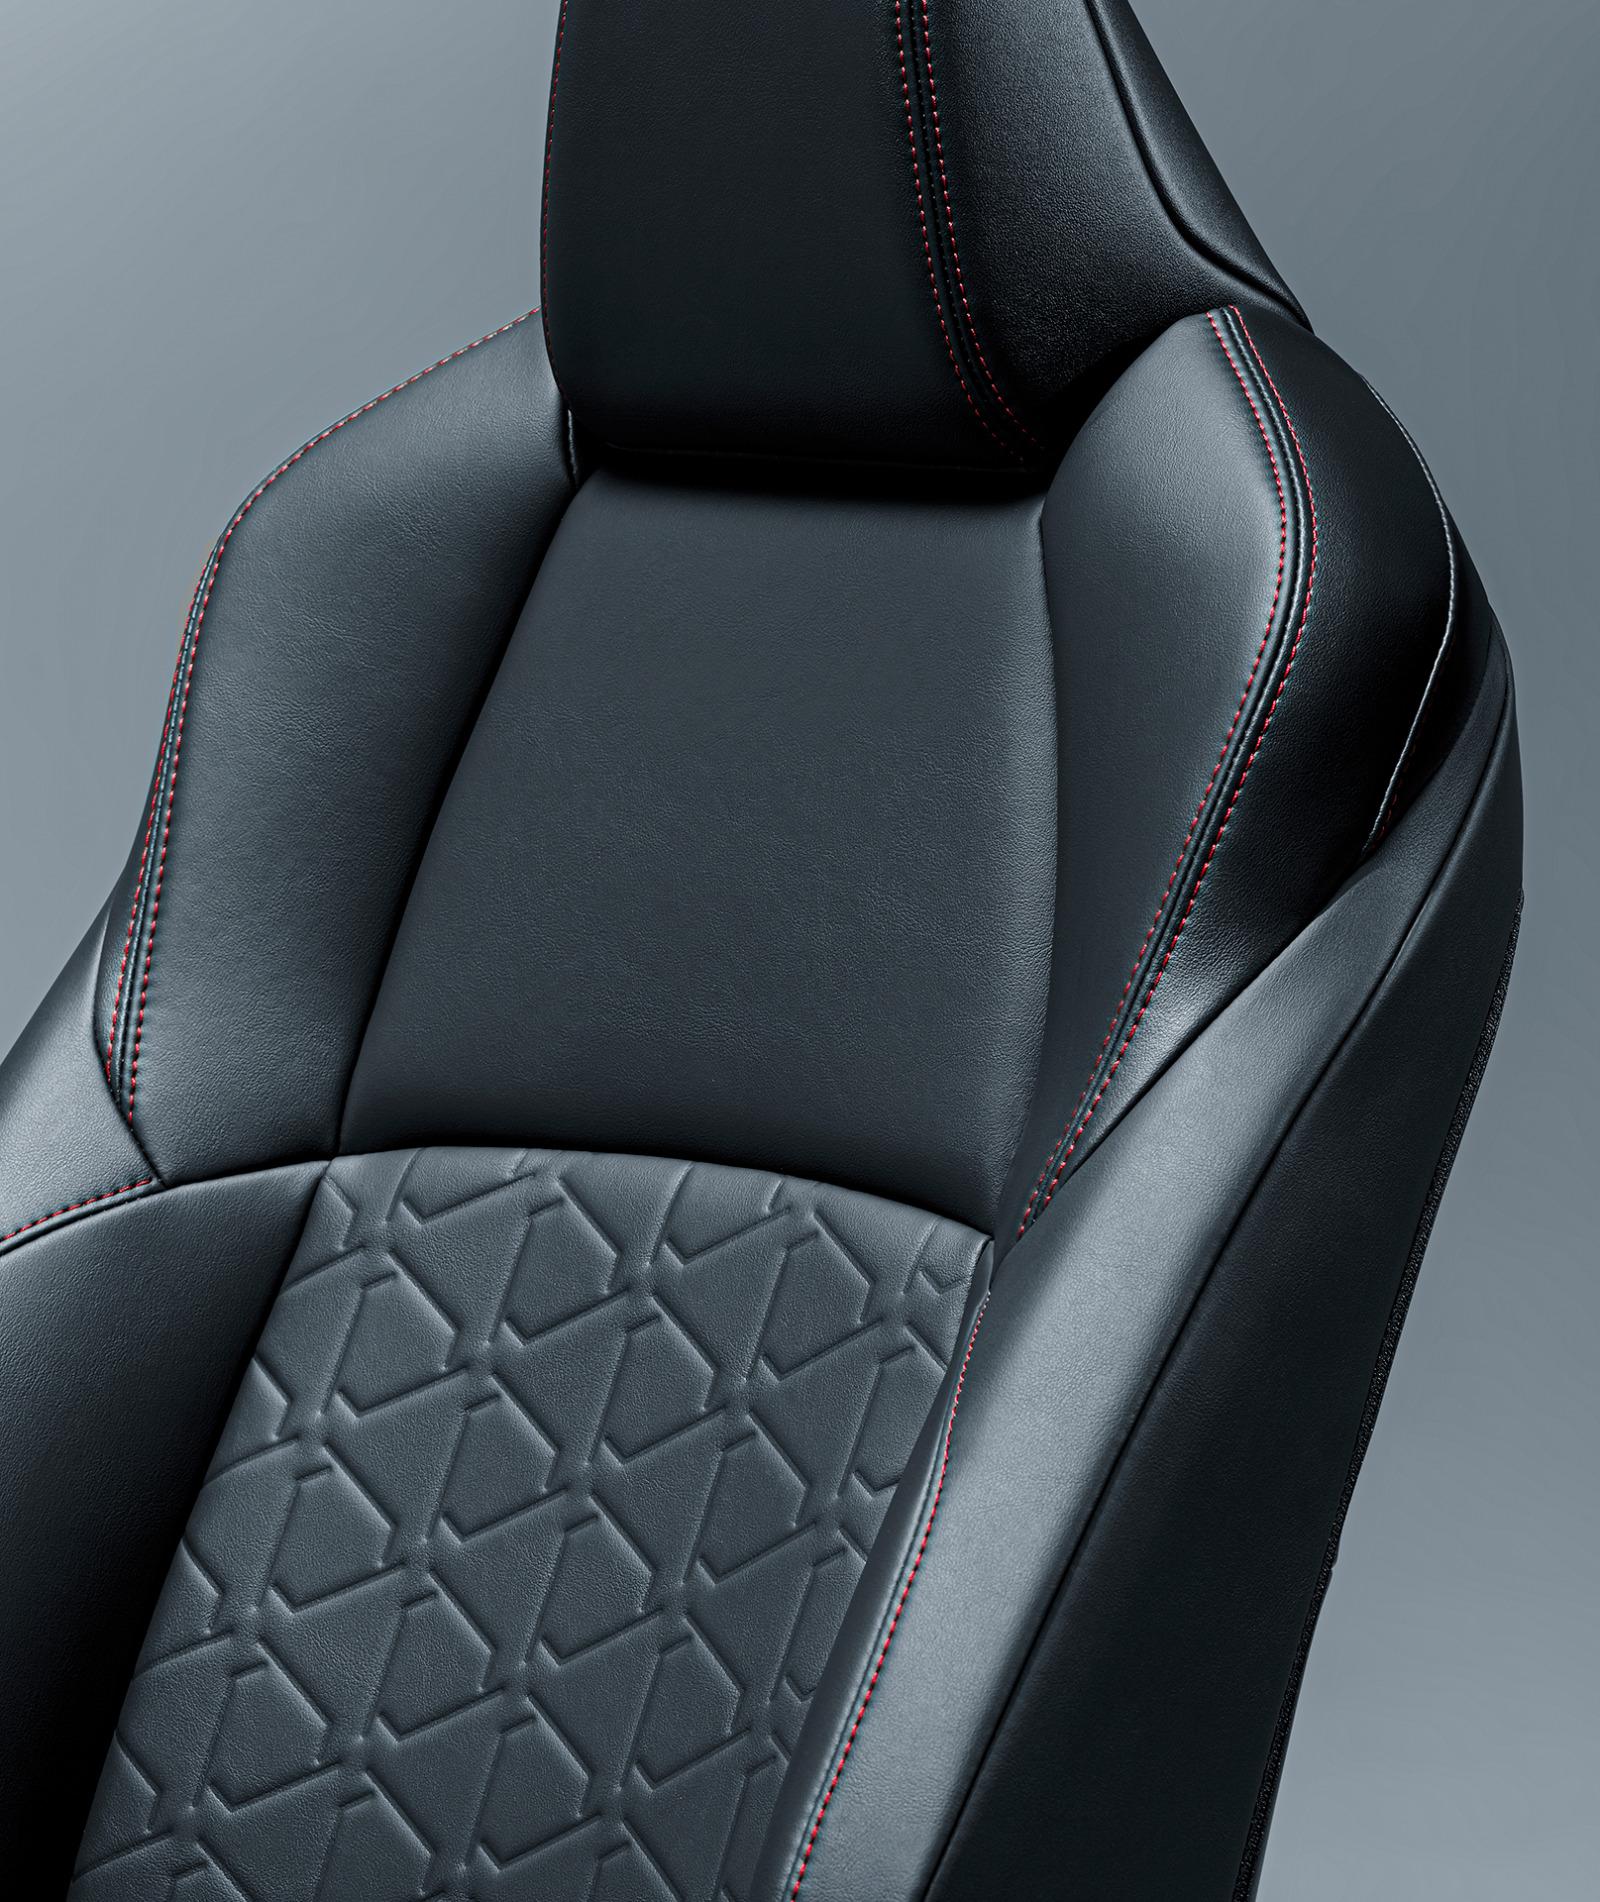 """「新型RAV4にオフロードテイストを強調した特別仕様車「Adventure""""OFFROAD package""""」が登場【新車】」の5枚目の画像"""